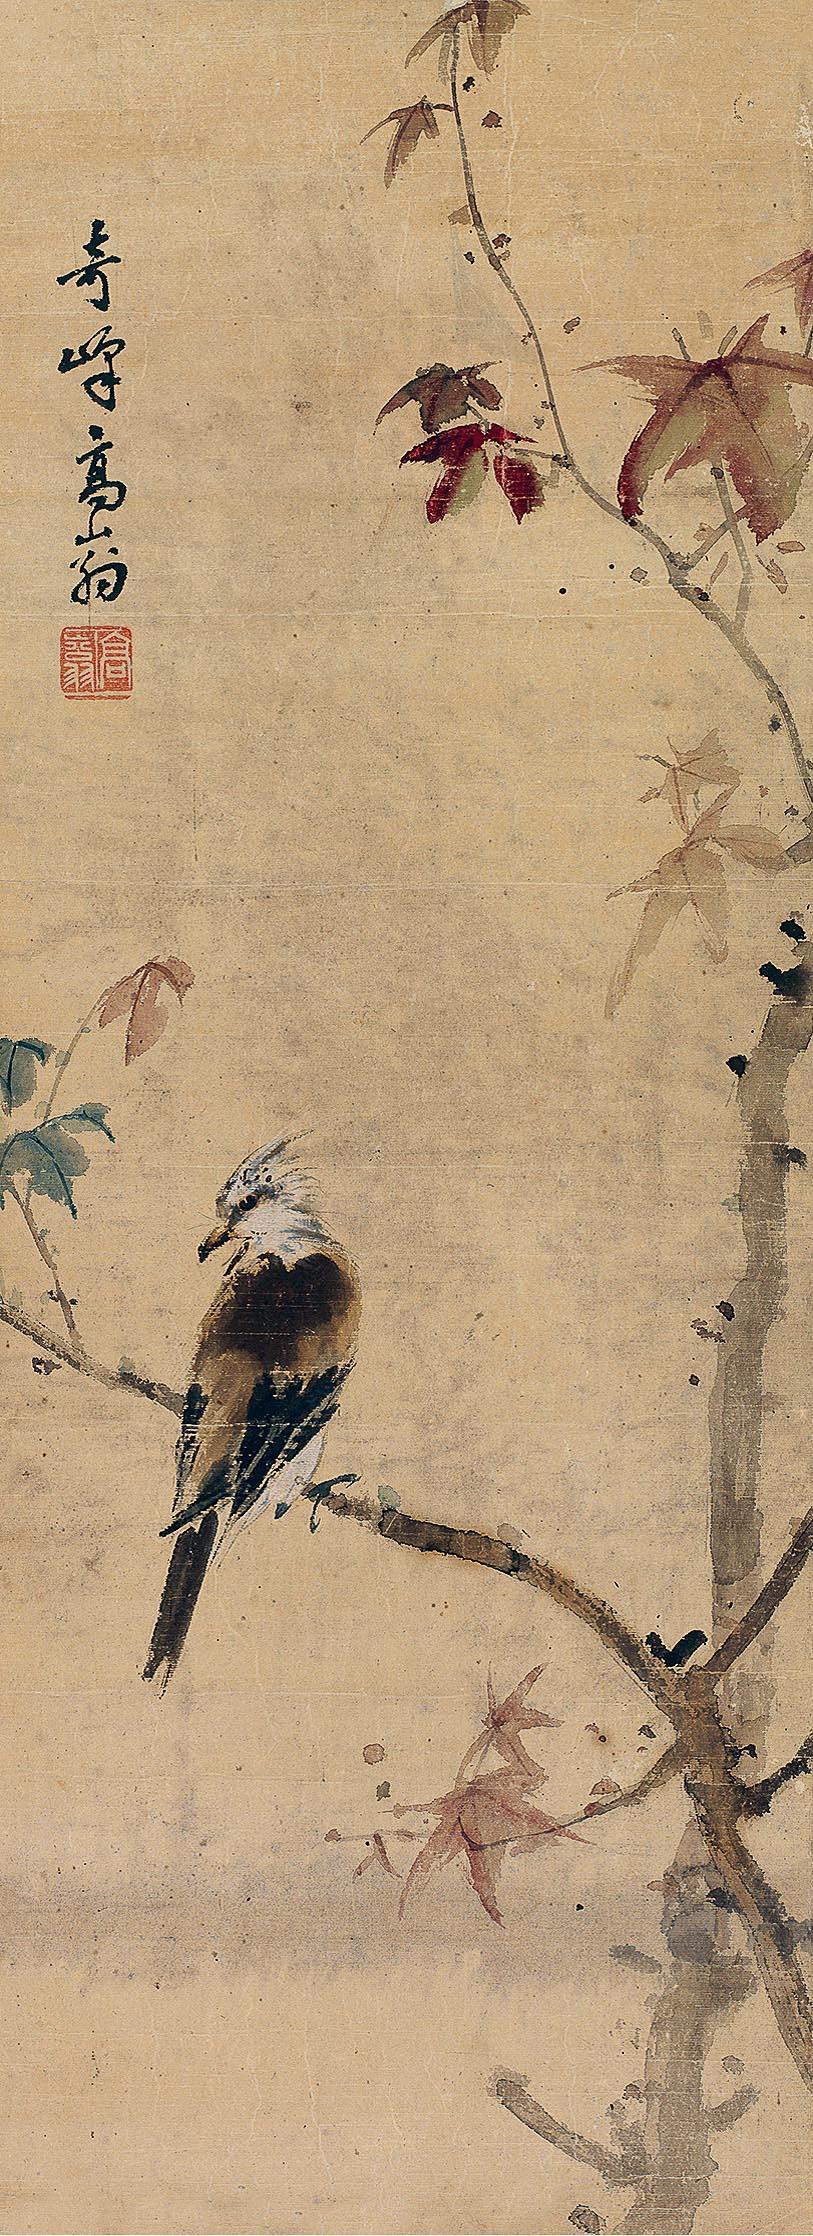 红叶孤鸟图